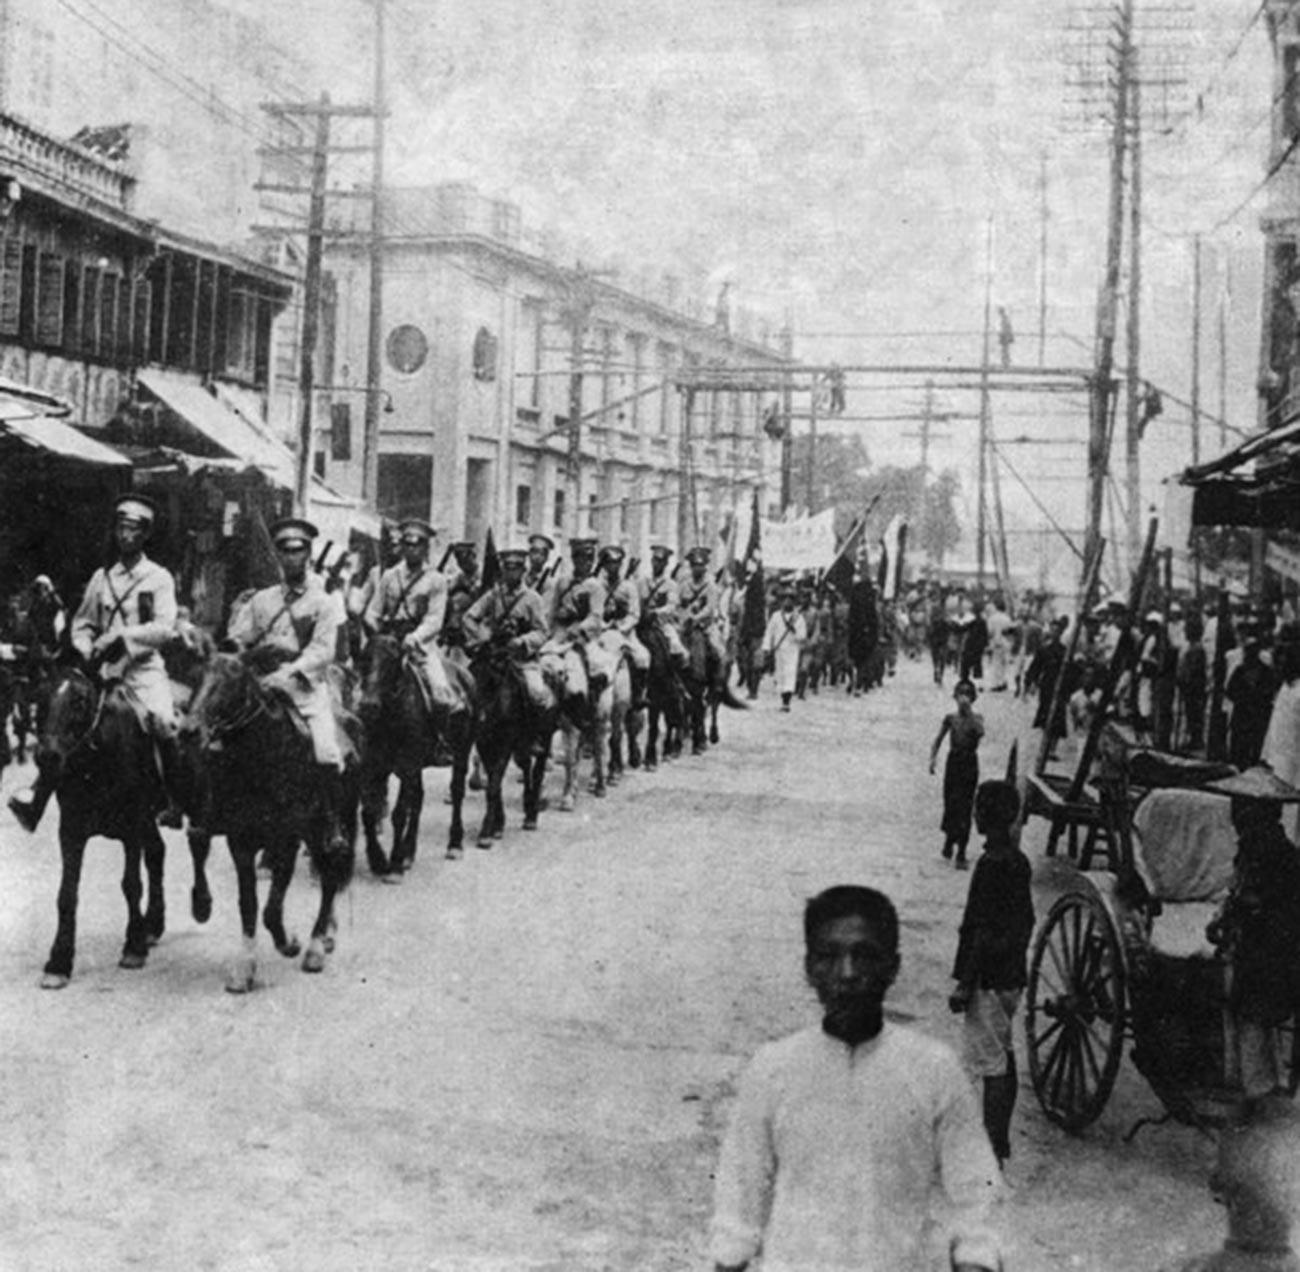 Kitajska konjenica v Harbinu (1929)